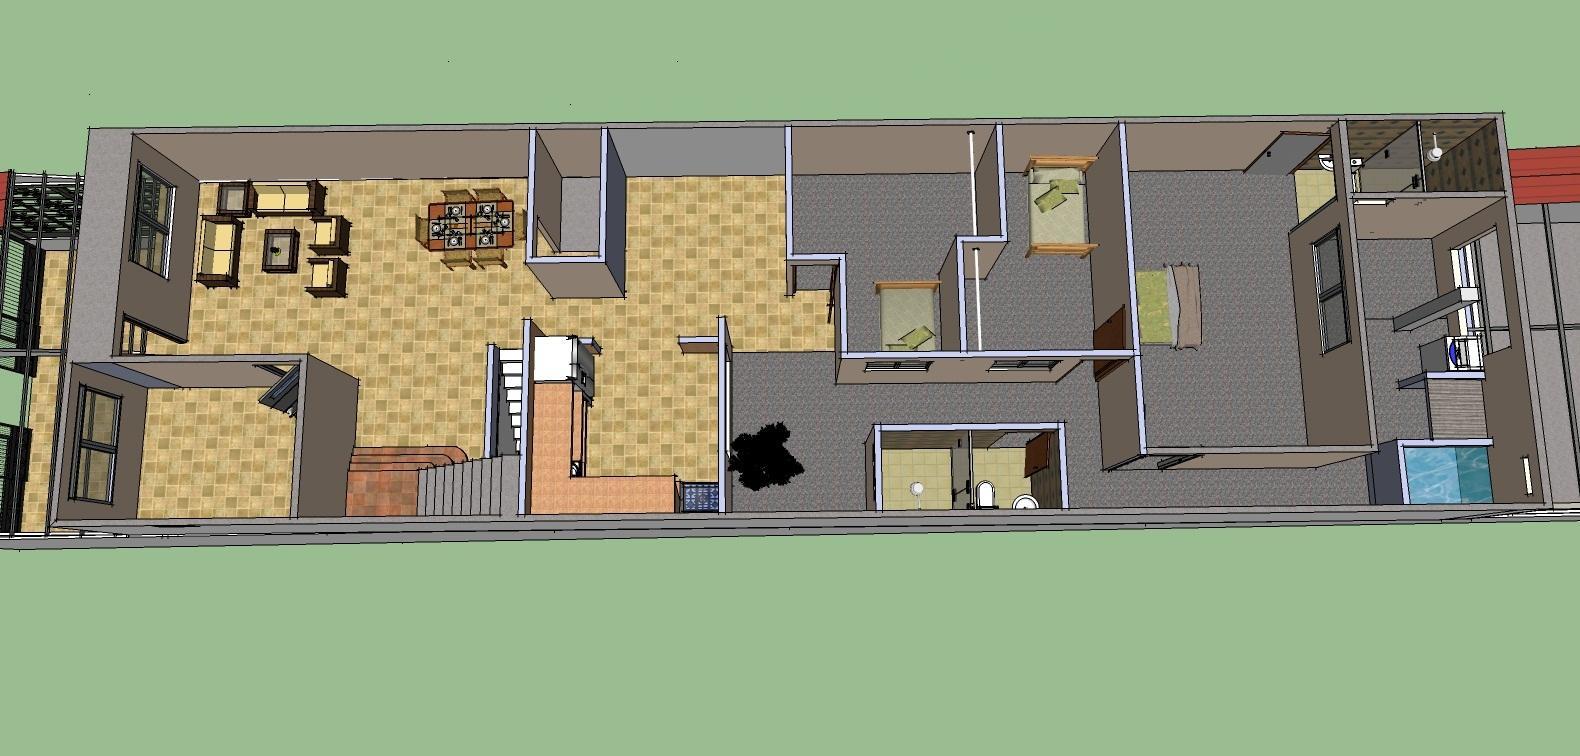 Pc solution desarrollo de software dise o de paginas - Paginas para disenar casas ...